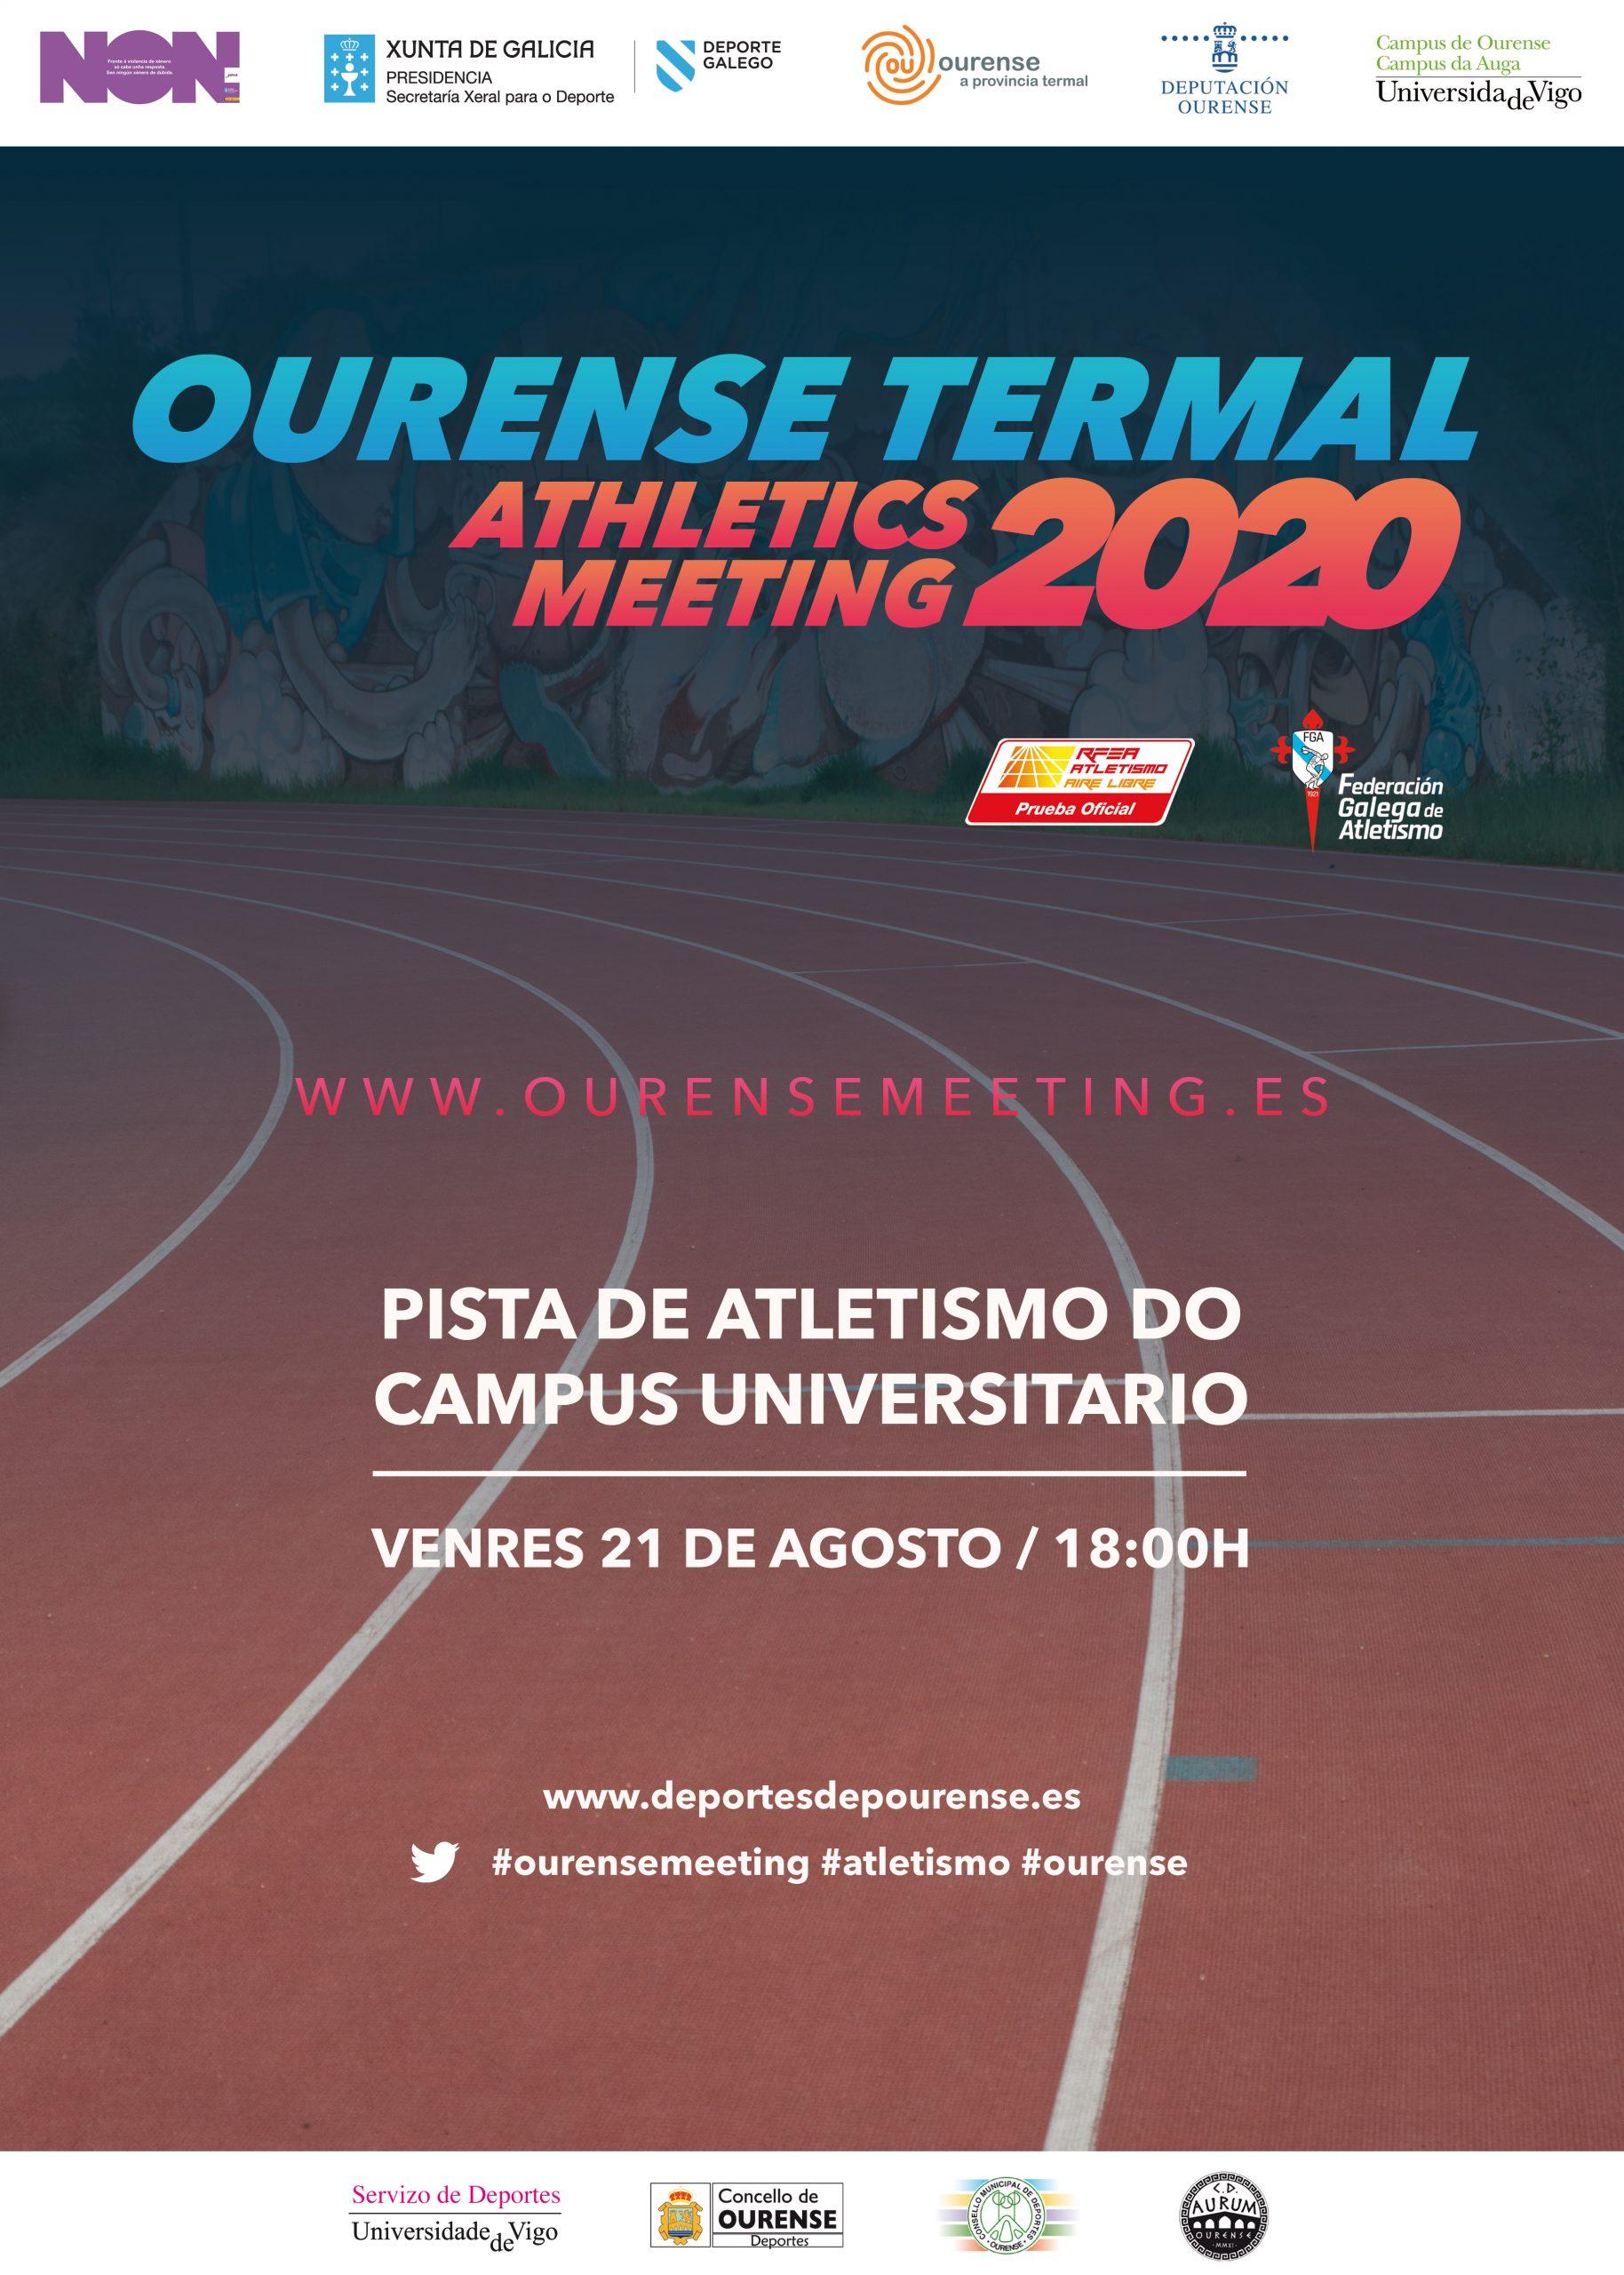 Ourense Termal Athletics Meeting 2020